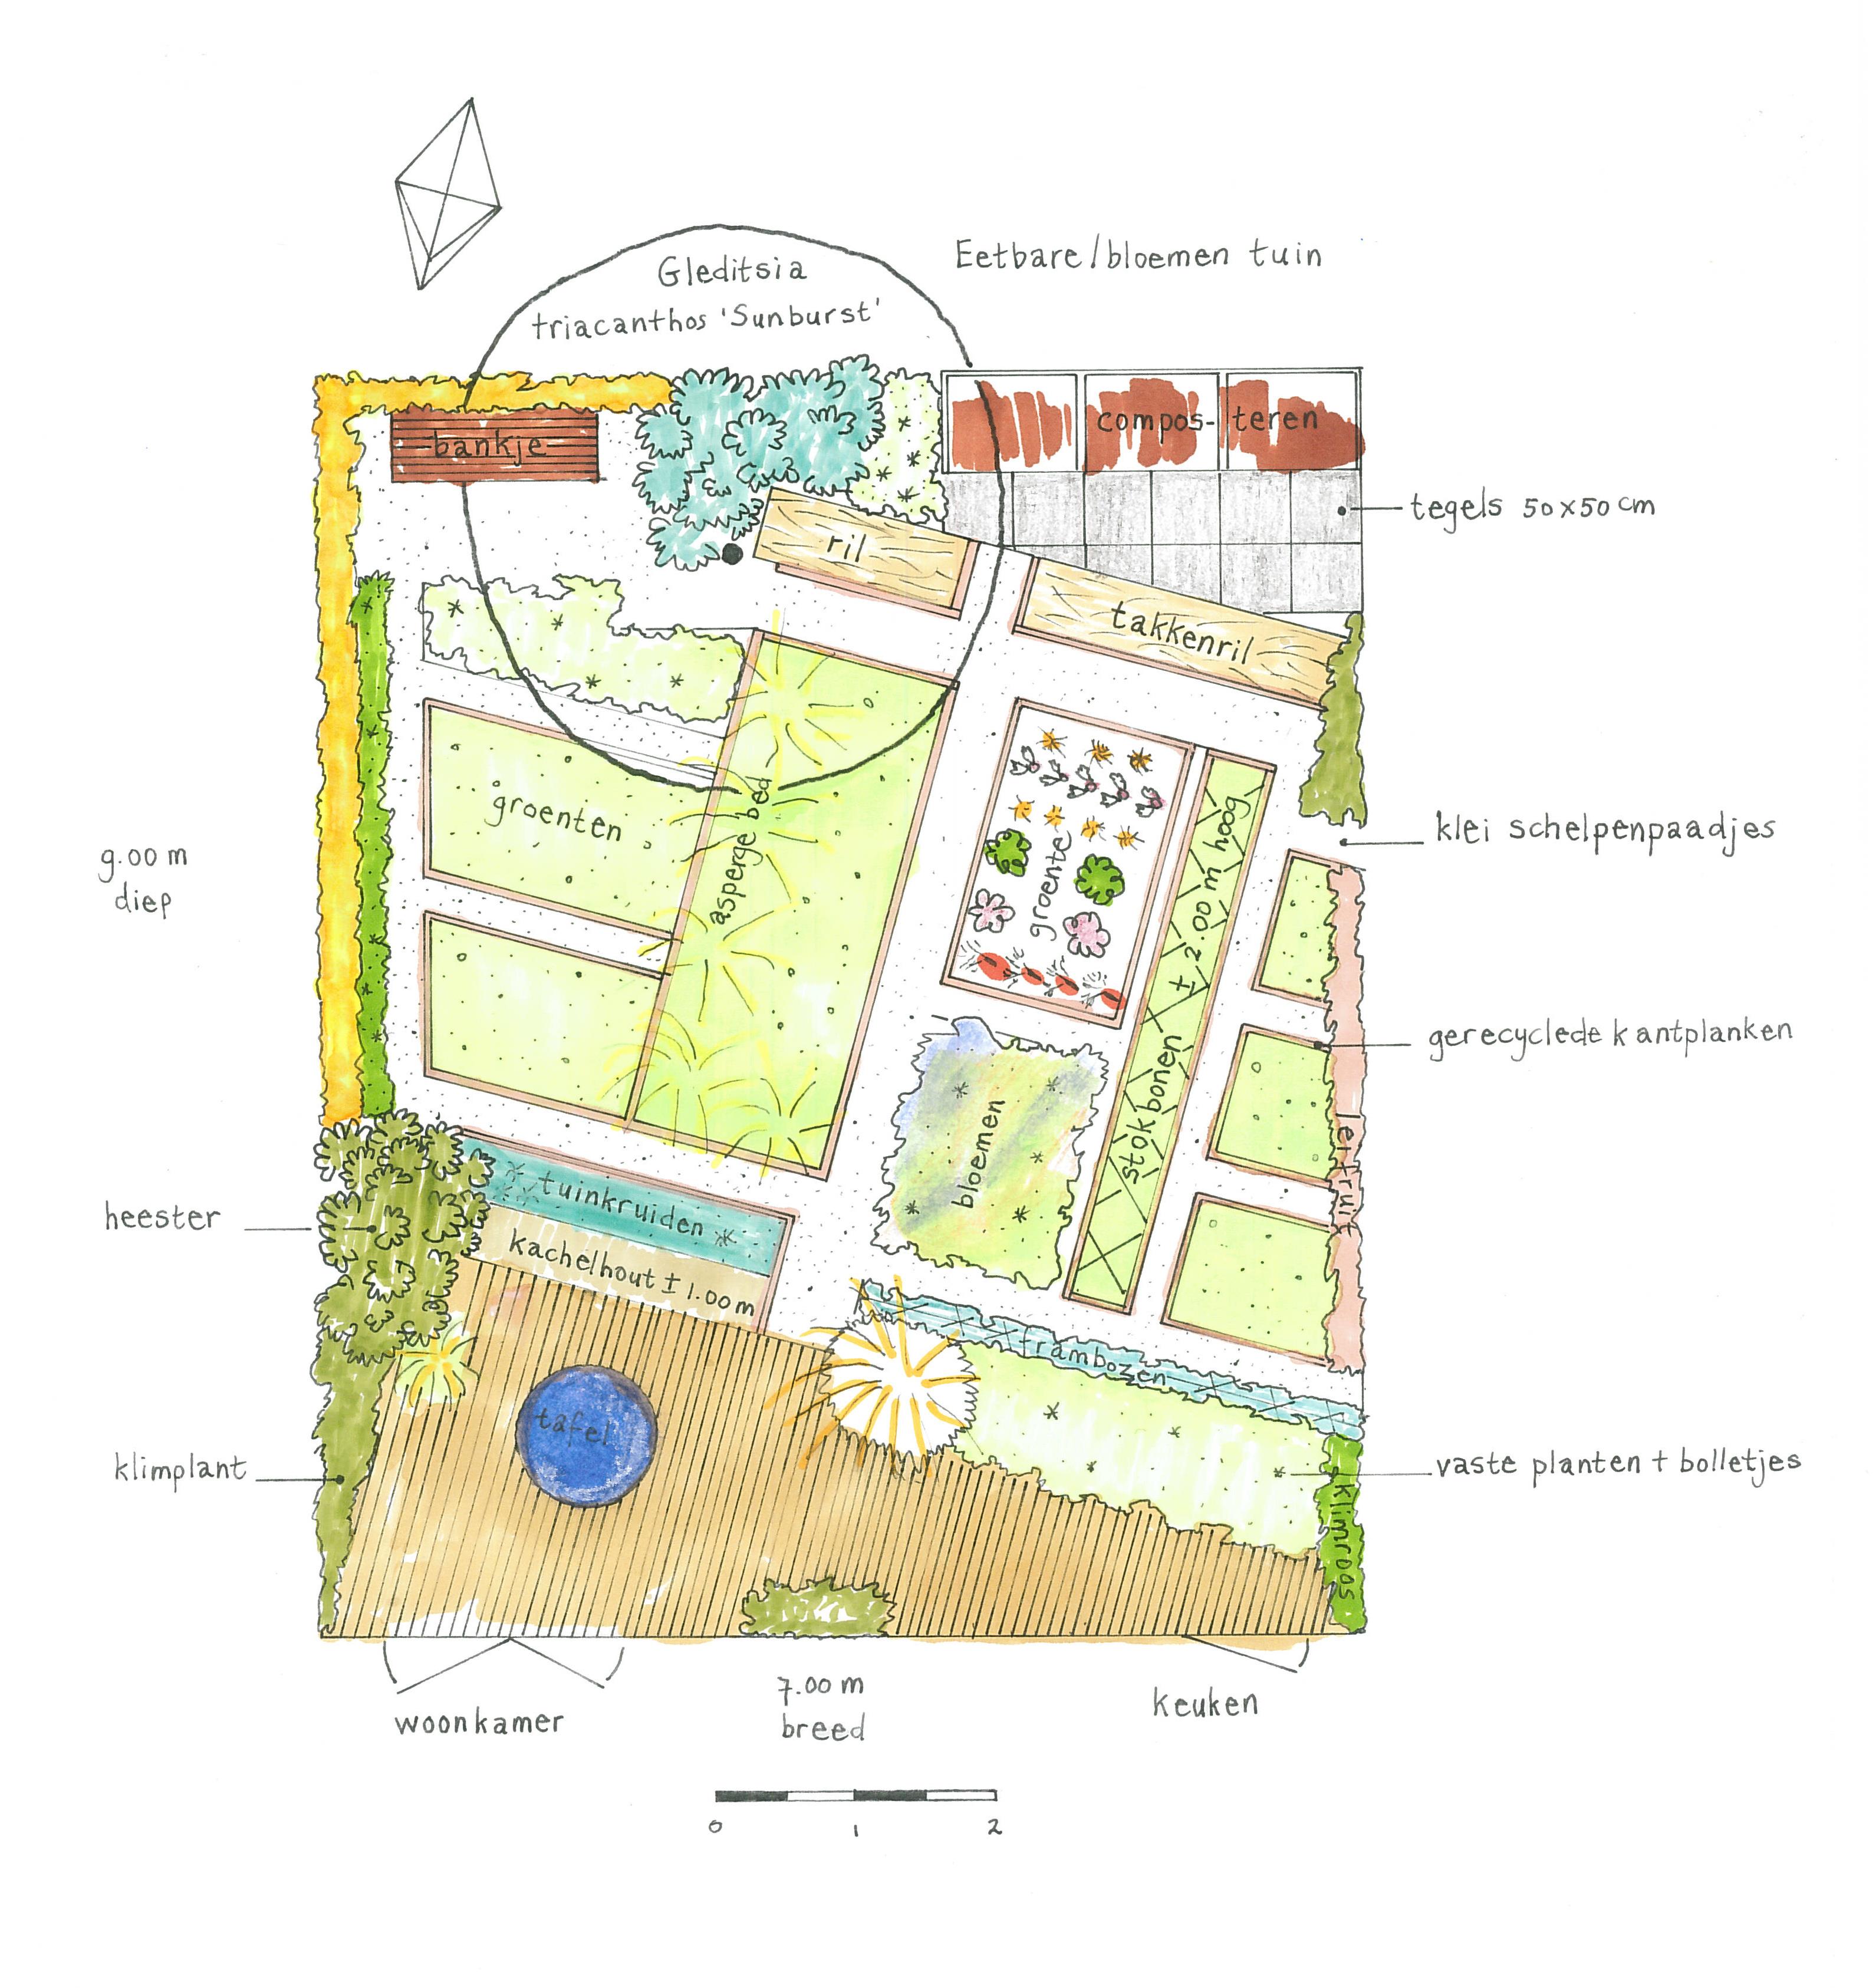 Tuinontwerp en beplantingsplan hoveniersbedrijf marieke for Tuinontwerp eetbare tuin